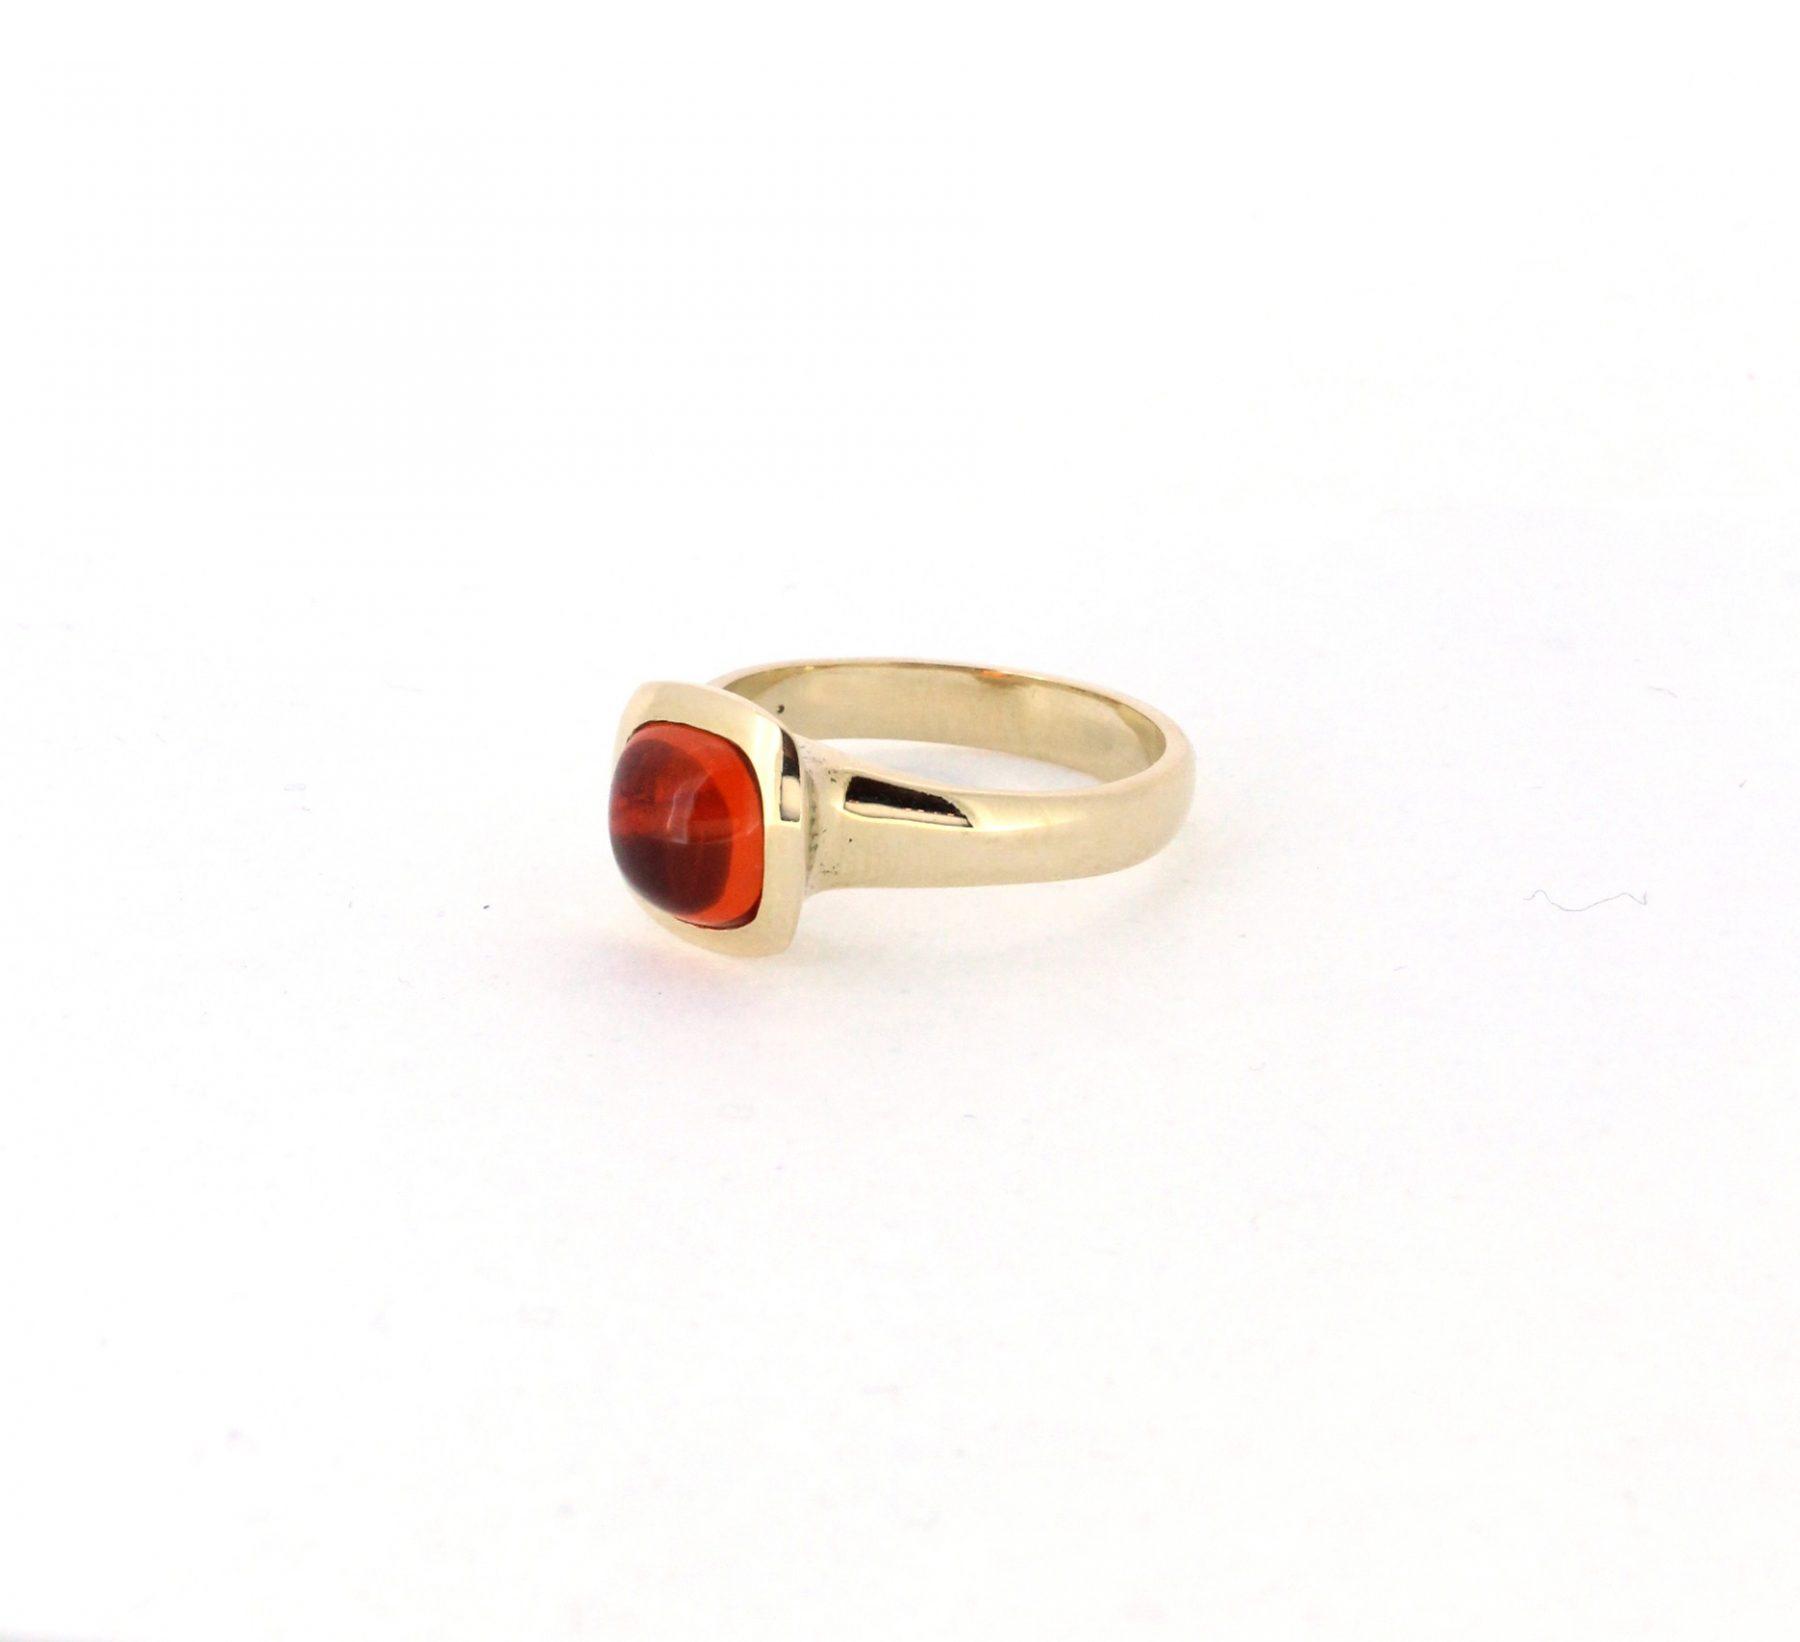 Ring Feueropal 14ct Gelbgold - Individuelle Marken - 419brun05-11